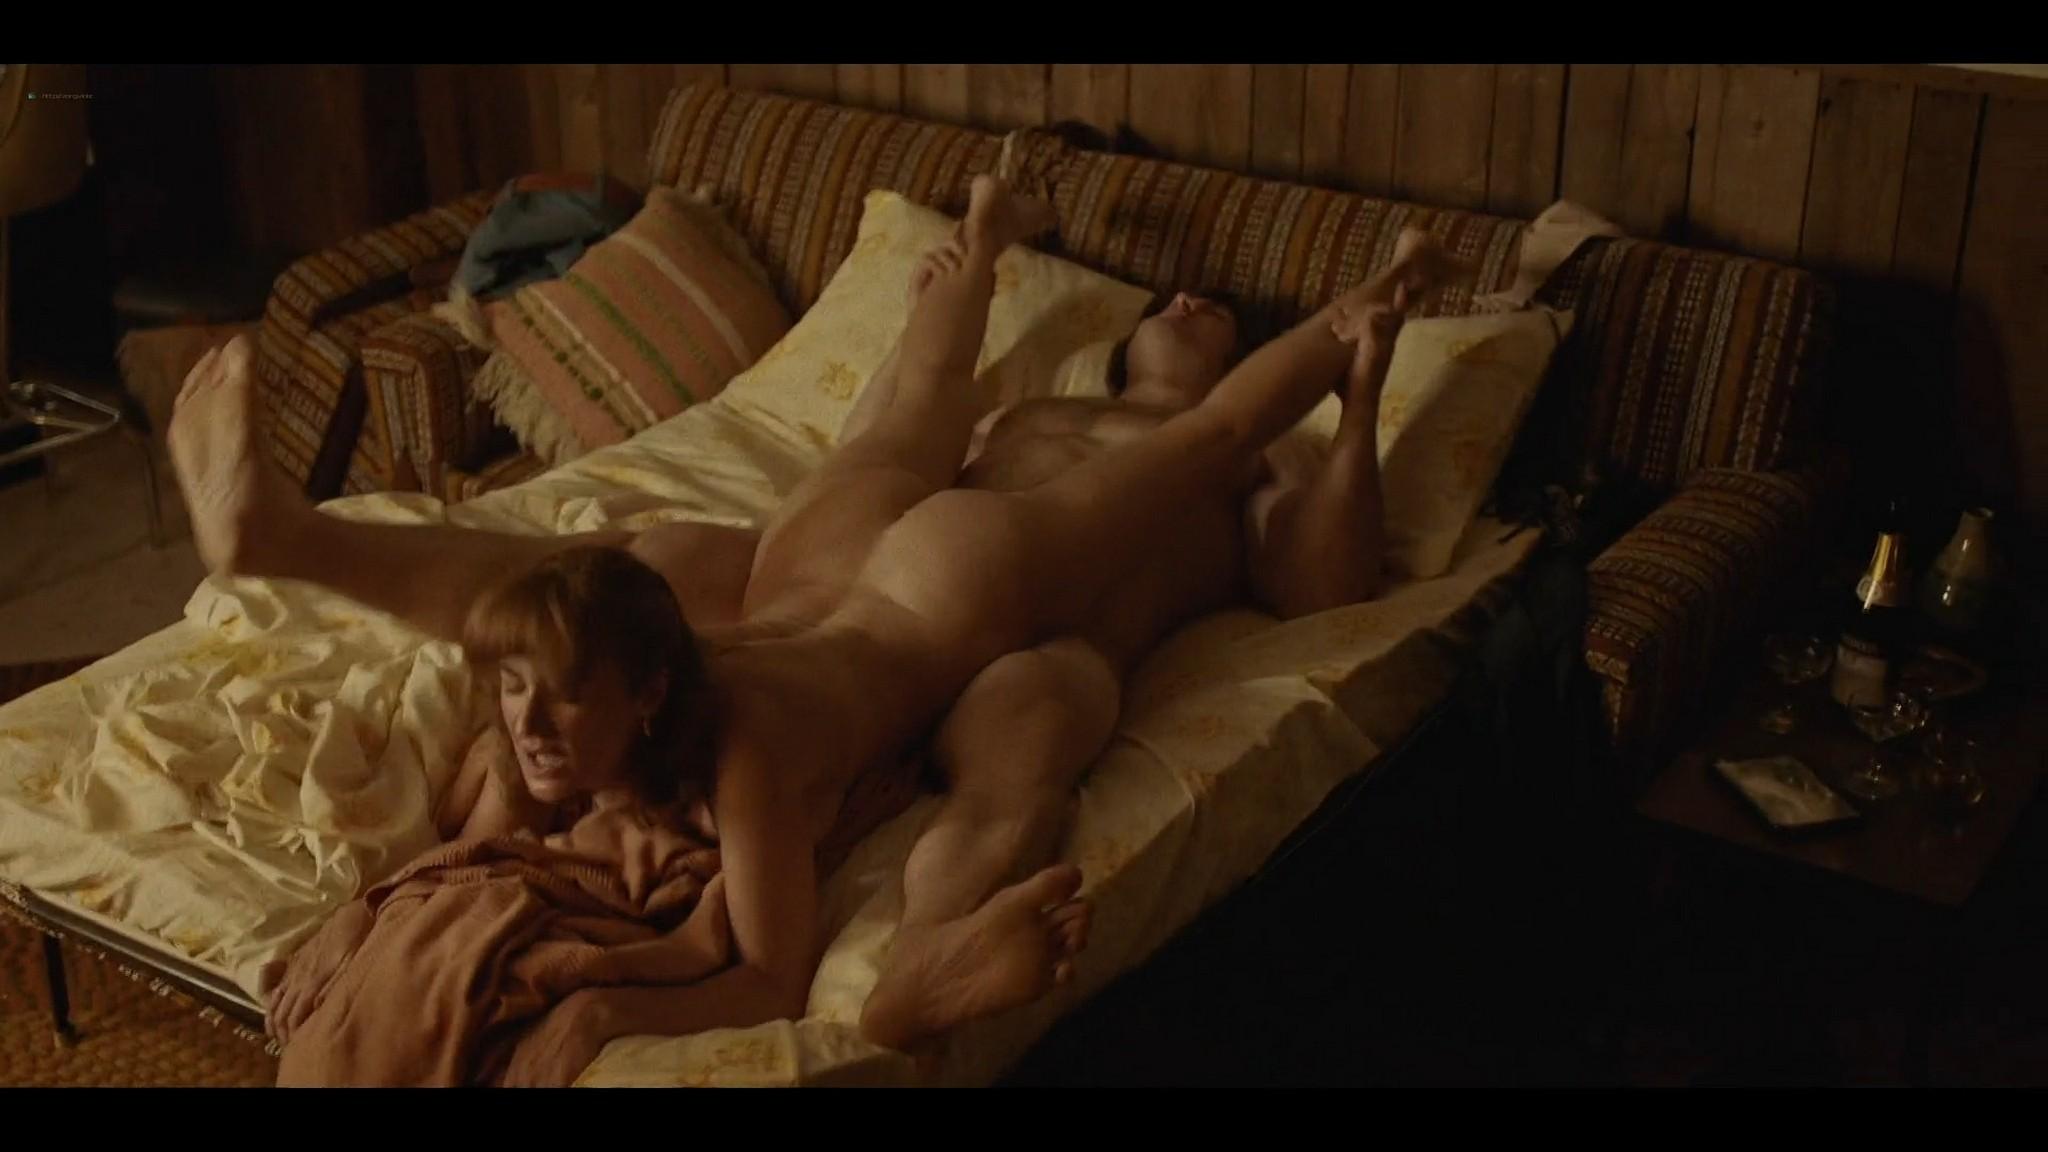 Sophie Desmarais nude sex Marilyn Castonguay nude too C est comme ca que je t aime FR 2020 S1 HD 1080p 014